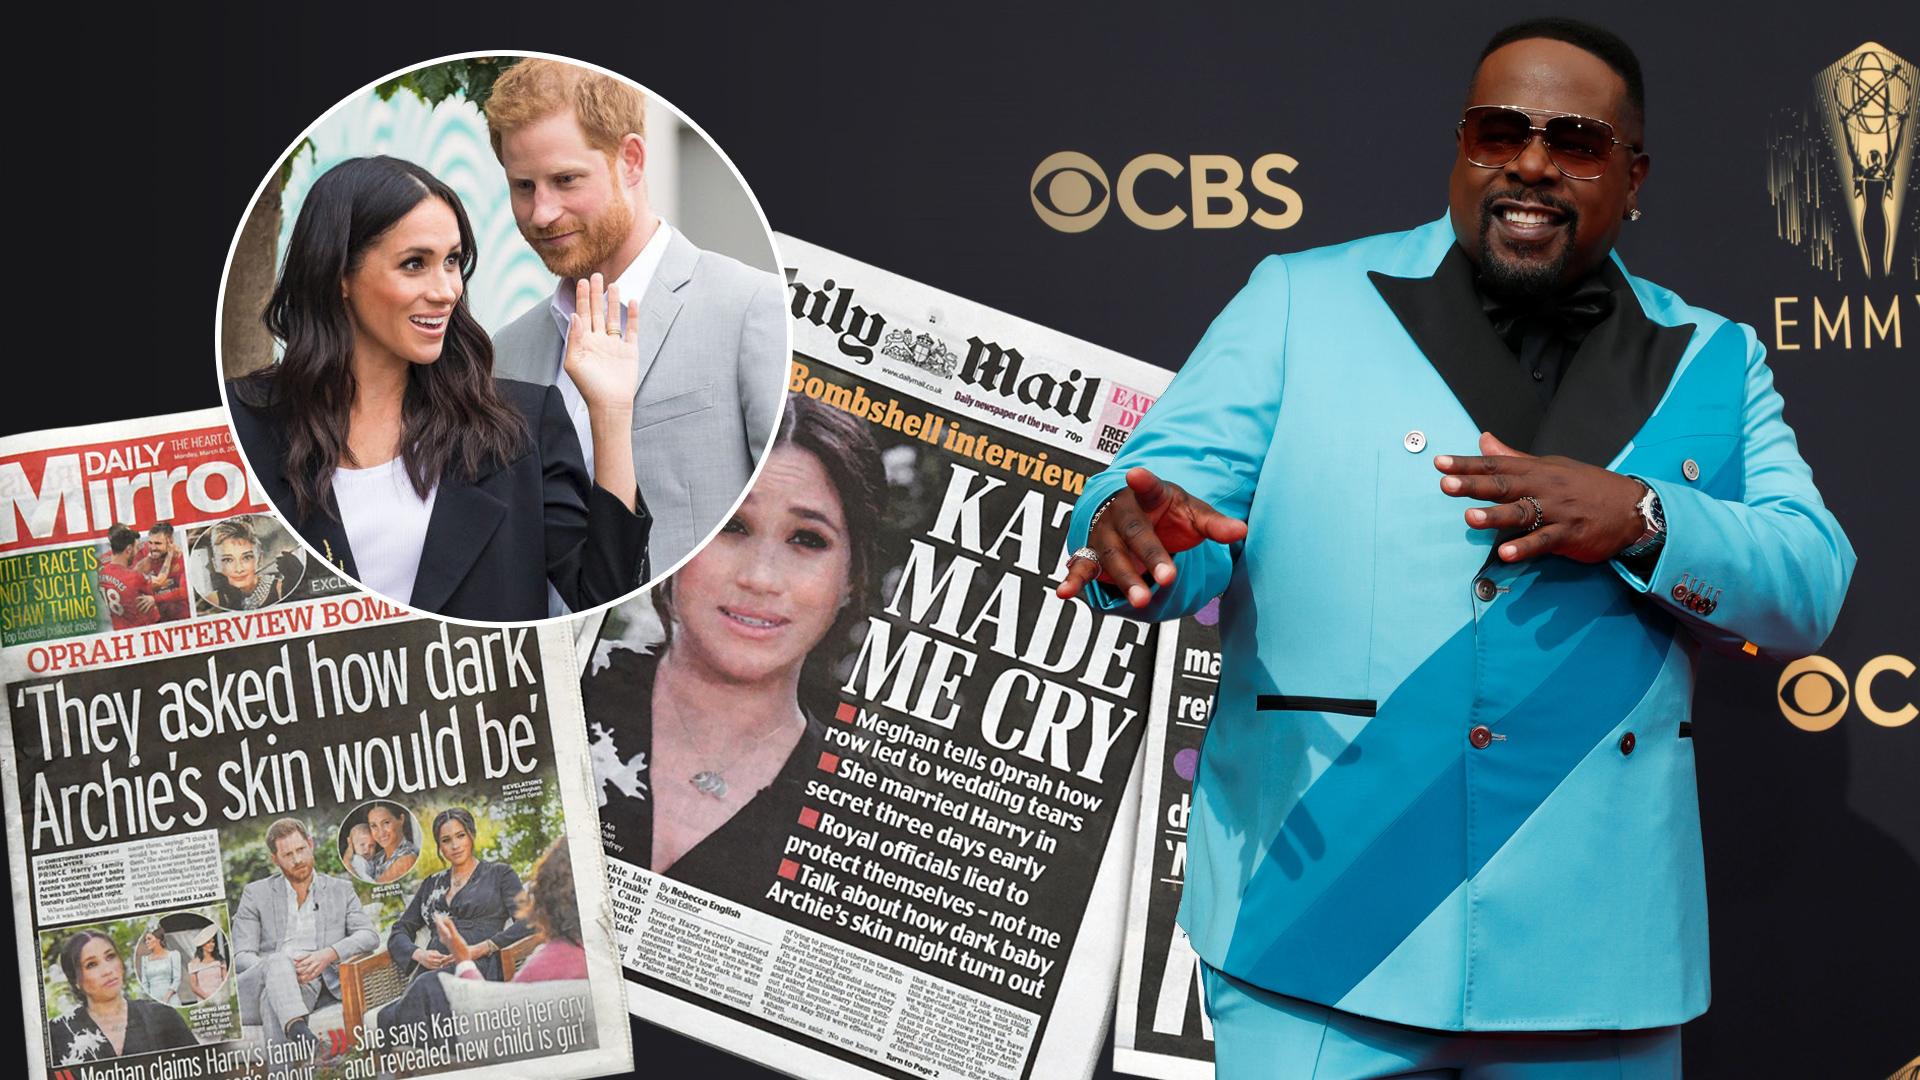 Amerykański komik Cedric the Entertainer wyśmiewa księcia Harry'ego i Meghan Markle podczas rozdania nagród Emmy